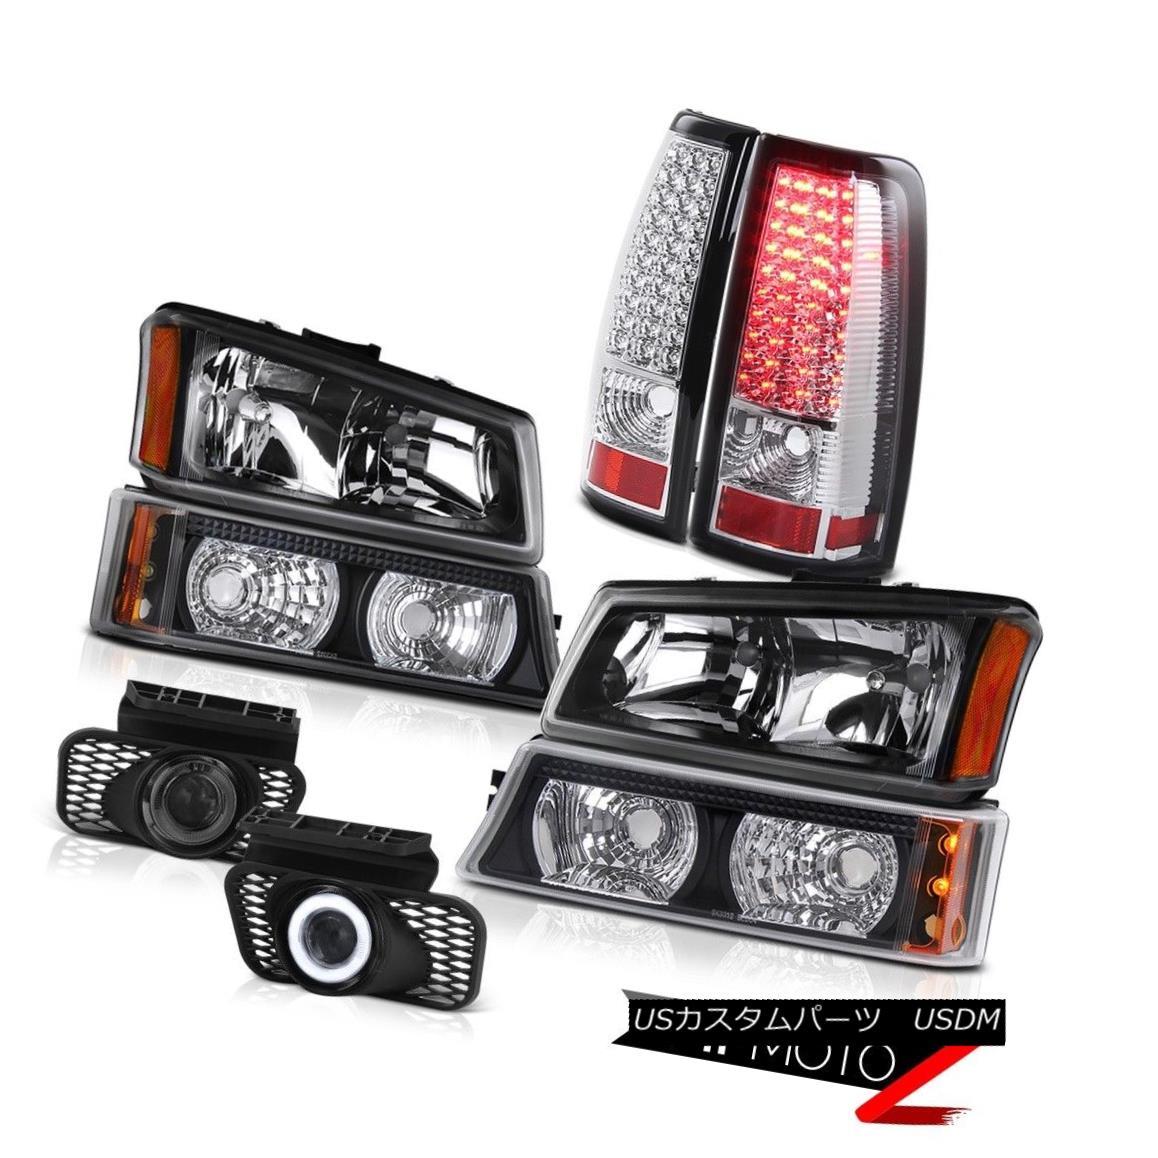 テールライト Crystal Headlight Bumper Lamp Sterling Chrome Tail Foglamps 03-06 Silverado XL クリスタルヘッドライトバンパーランプスターリングクロムテールフォグランプ03-06 Silverado XL